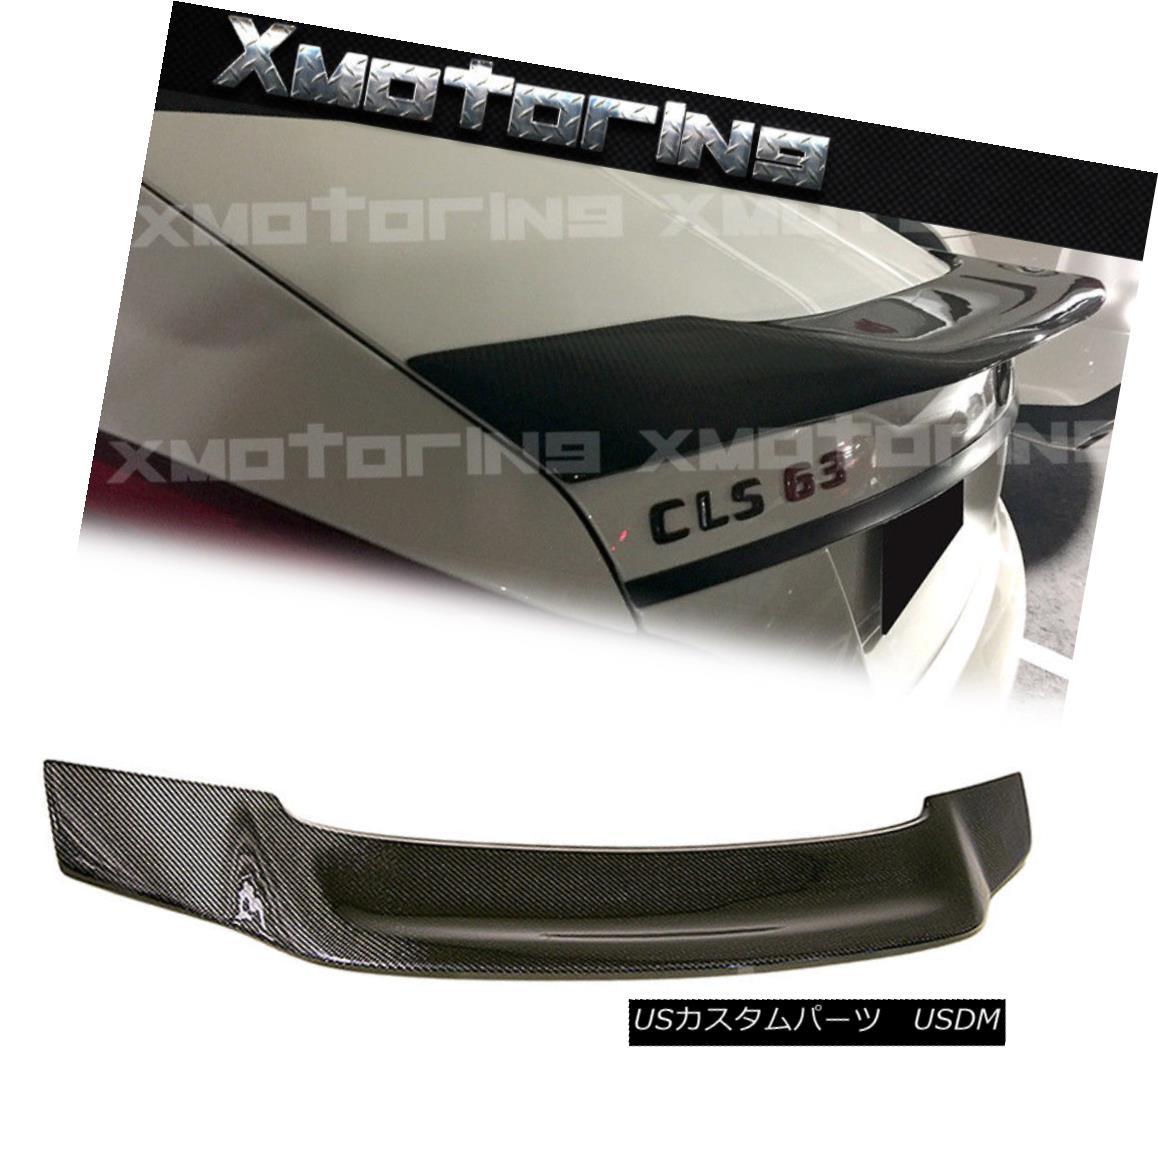 エアロパーツ For 11-15 BENZ W218 CLS350 CLS500 CLS63 4DR RT Style Carbon Fiber Trunk Spoiler 11-15ベンツW218 CLS350 CLS500 CLS63 4DR RTスタイルカーボンファイバートランク・スポイラー